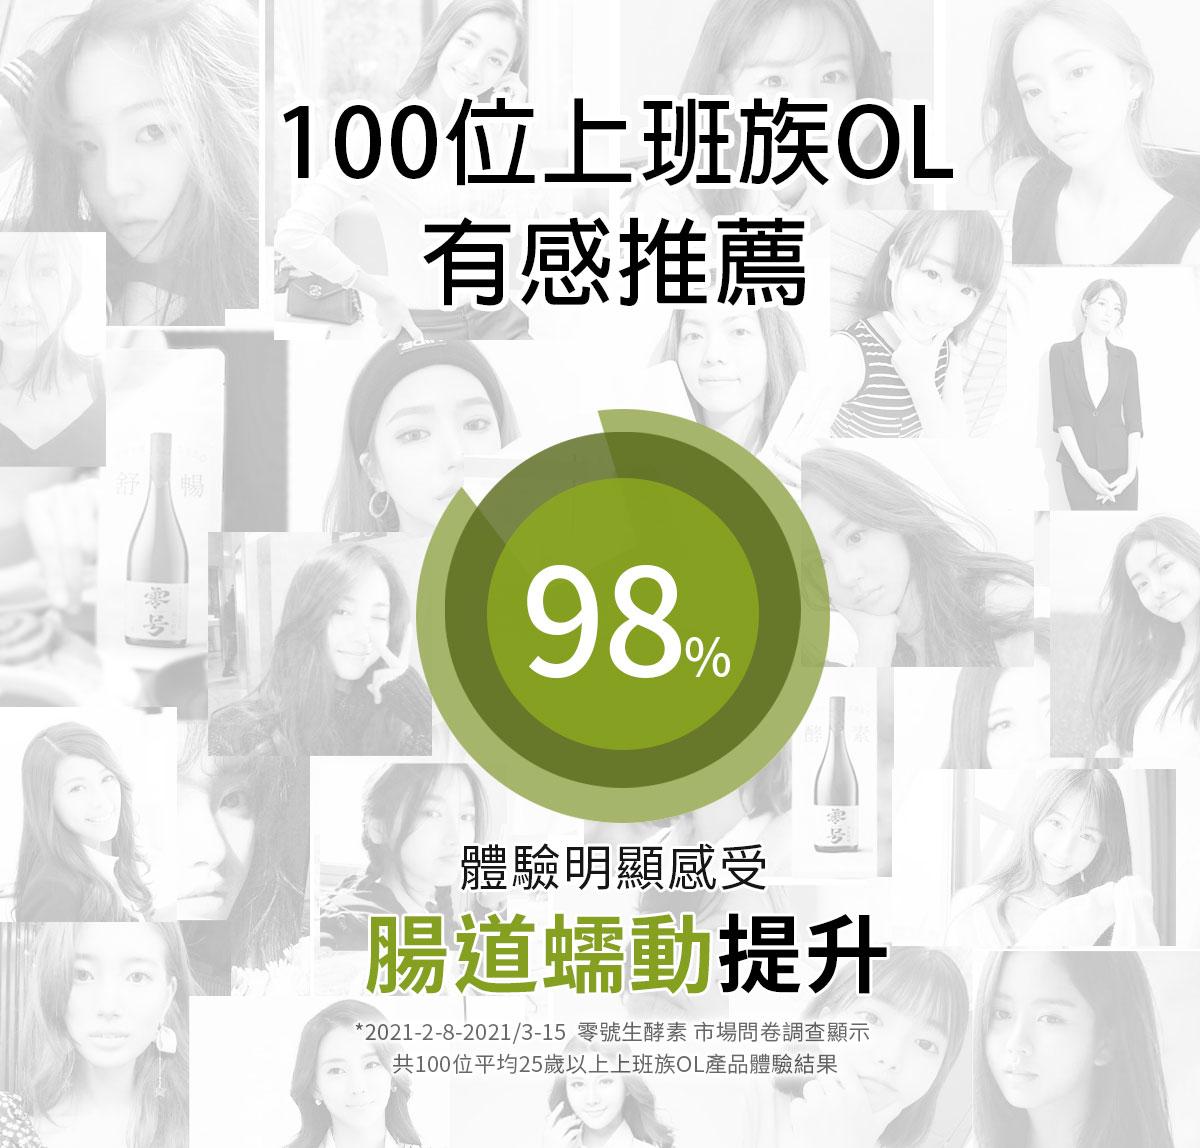 日本零號生酵素-101綜合蔬果酵素-100萬高濃度SOD-排空歸零養顏美容-100位上班族OL食用體驗有感-超過98%好評推薦